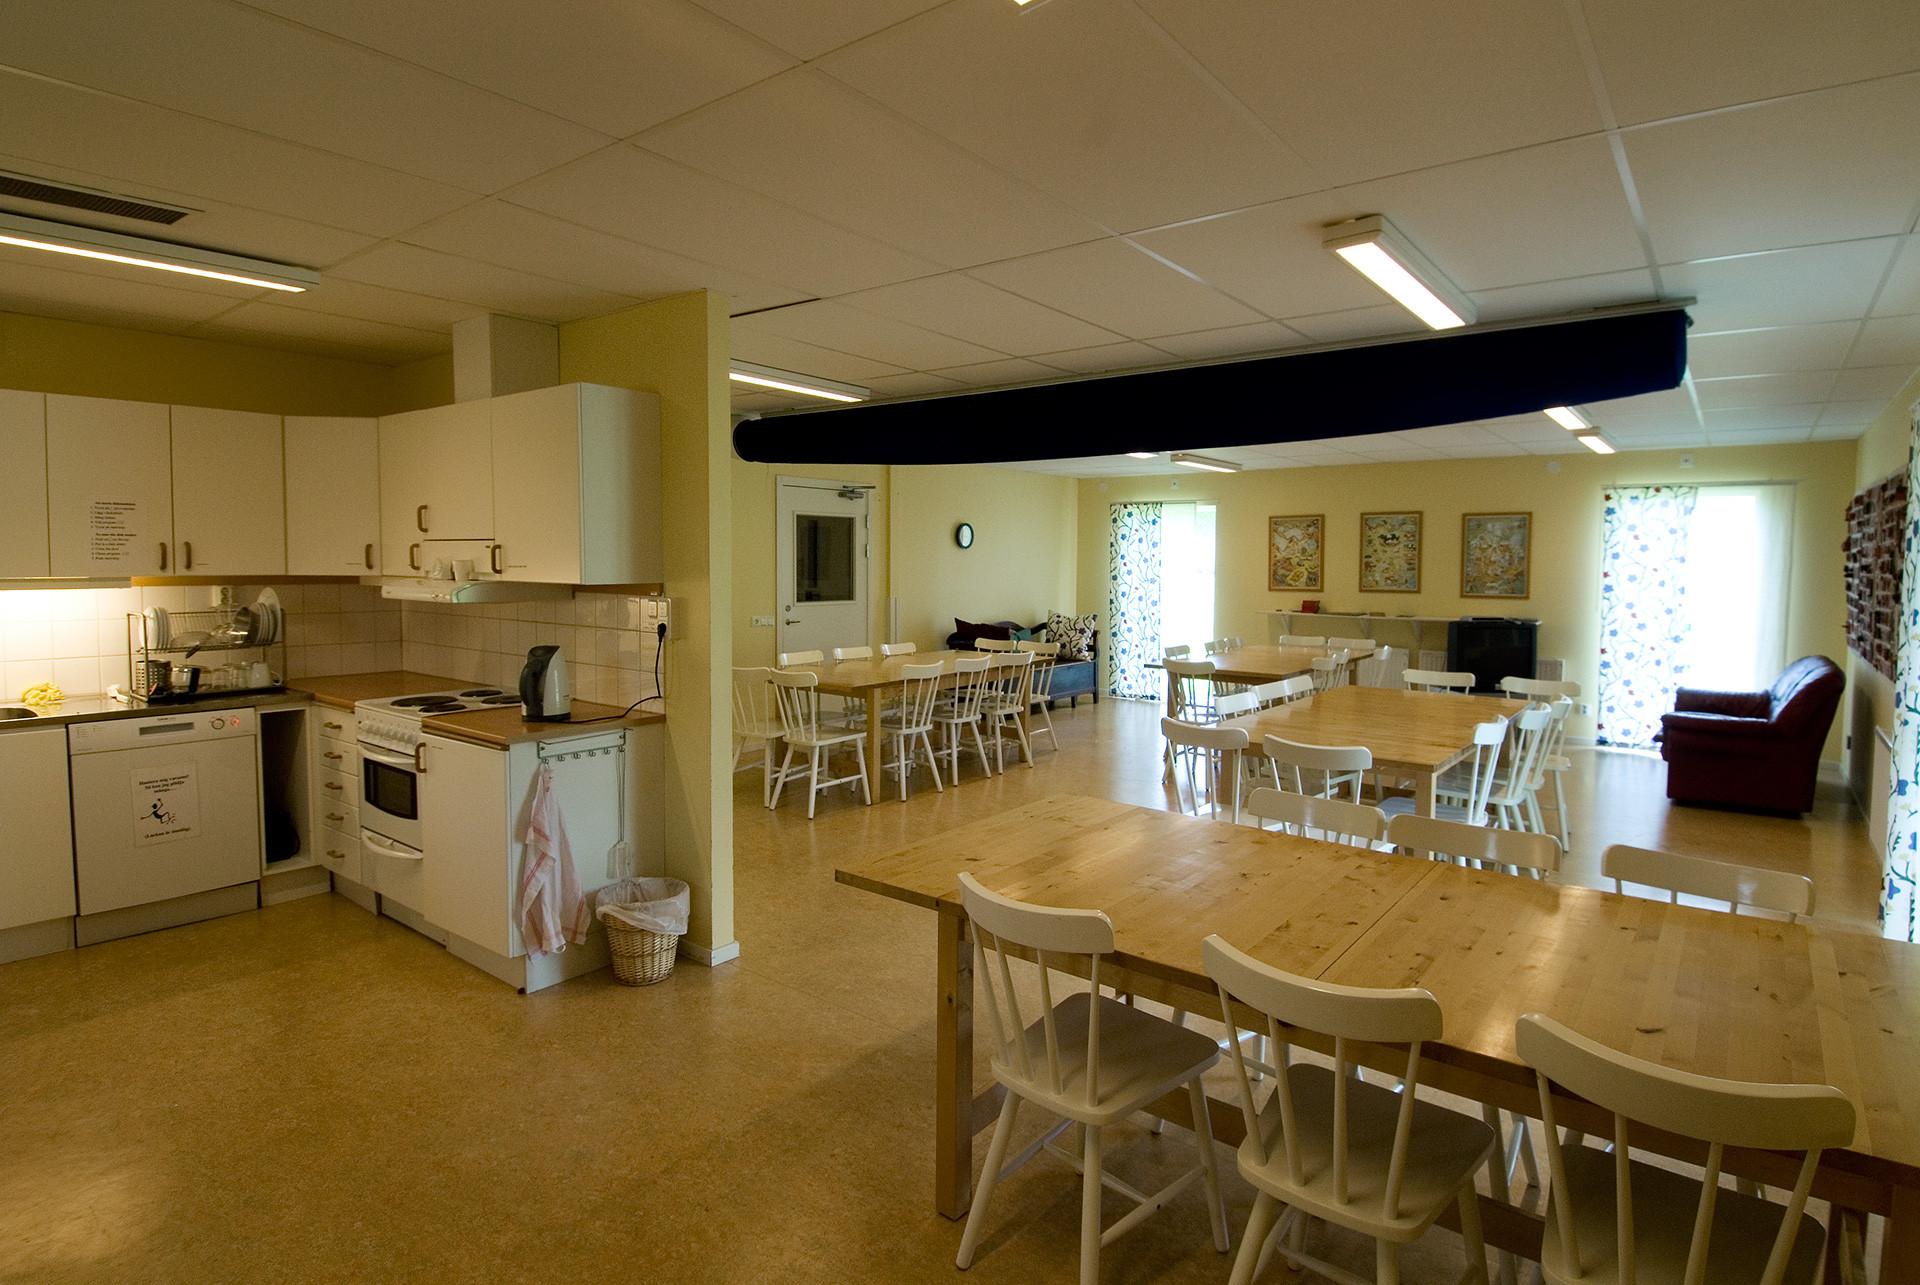 Självhushållskök och matsal i vandrarhemmet. Foto Peter Segemark © Nordiska museet